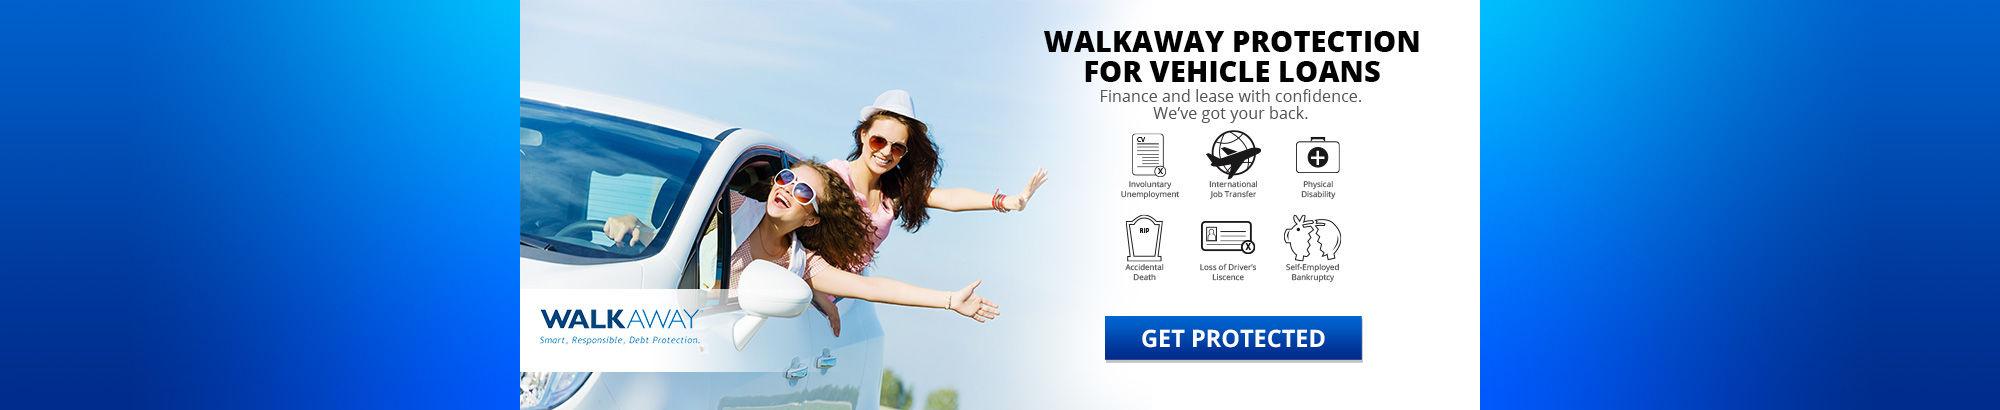 Walkaway Protection